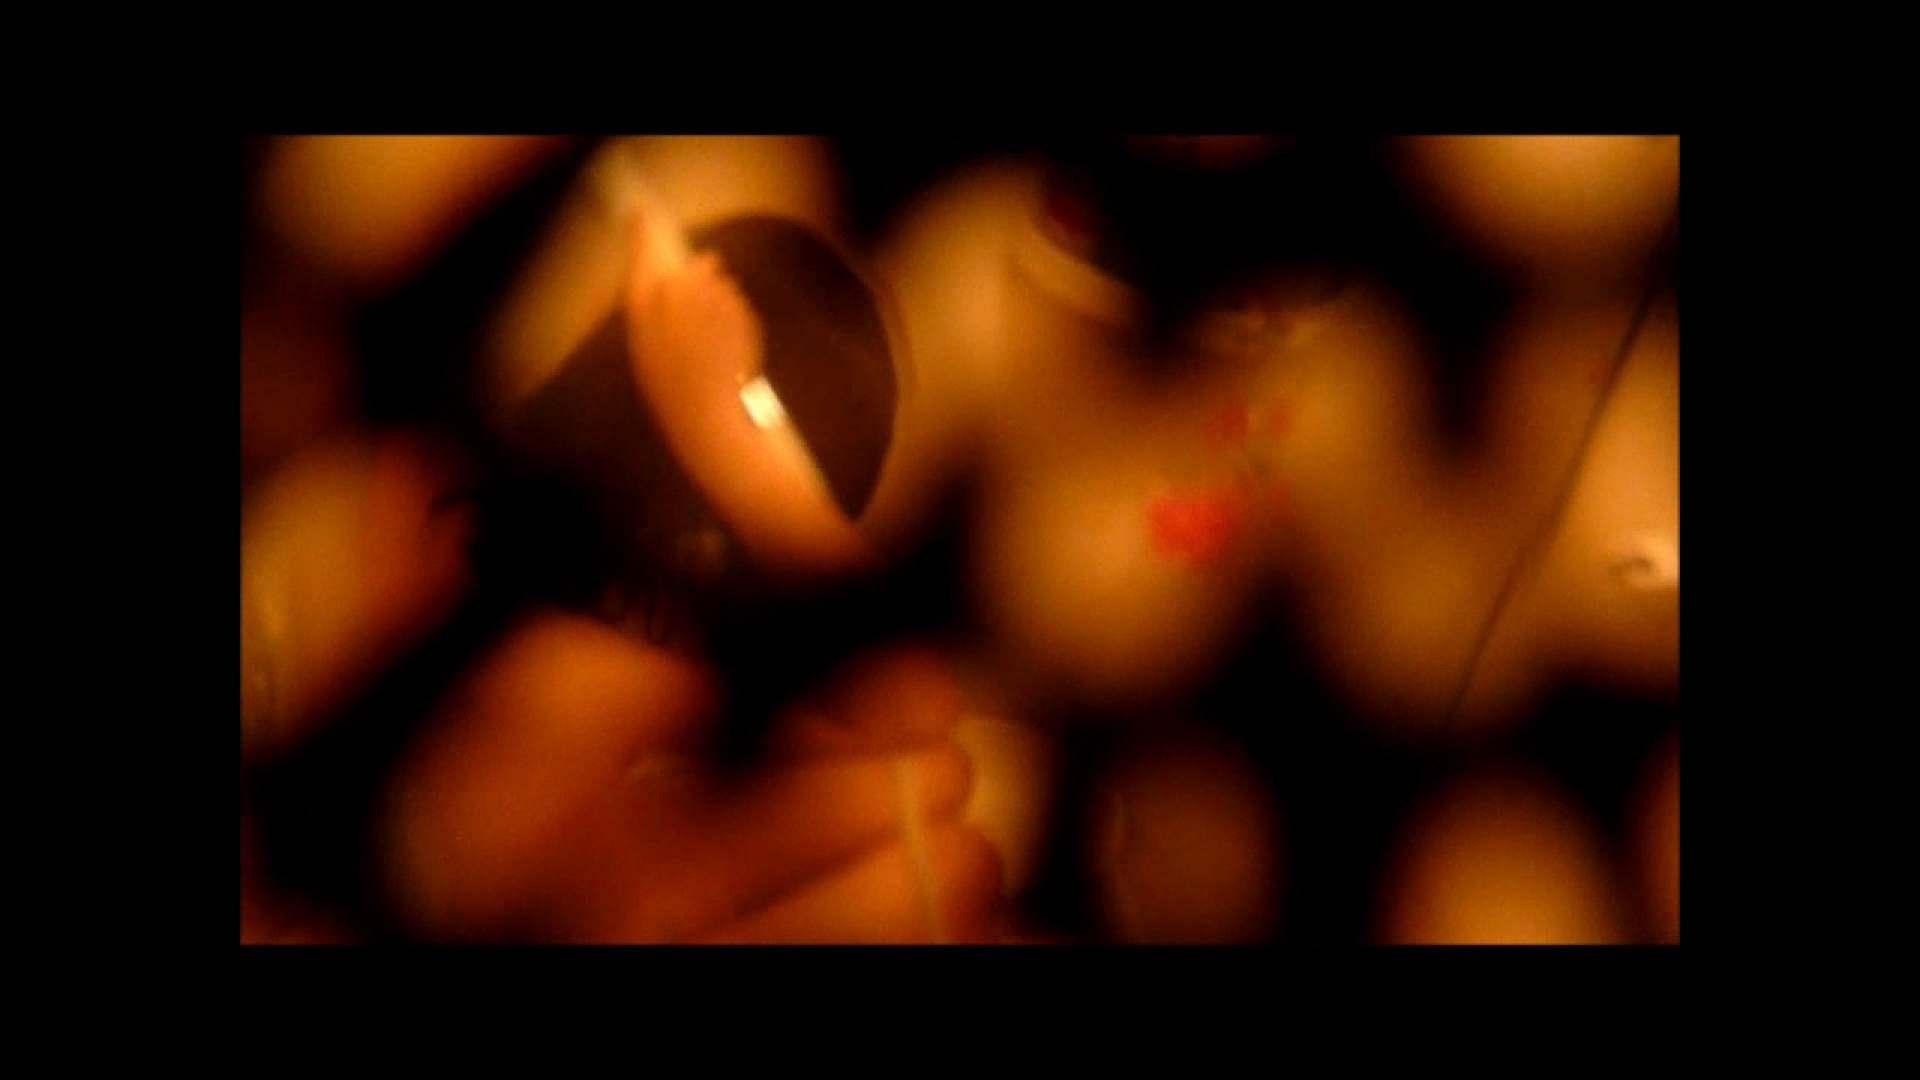 【02】ベランダに侵入して張り込みを始めて・・・やっと結果が出ました。 マンコ・ムレムレ スケベ動画紹介 79pic 68